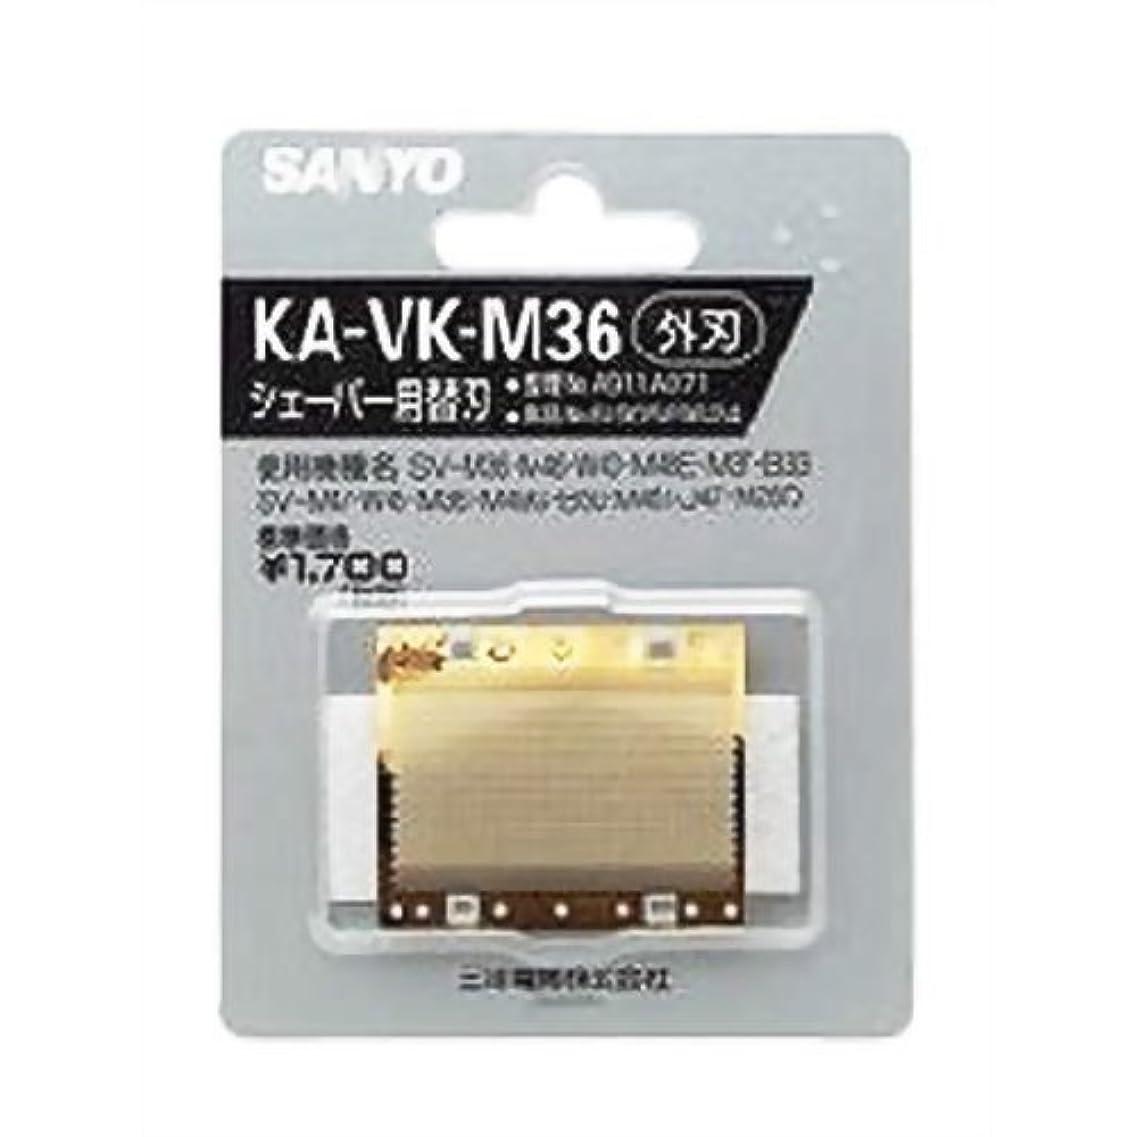 発疹クランプダーツサンヨー 交換用替刃(外刃)SANYO KA-VK-M36